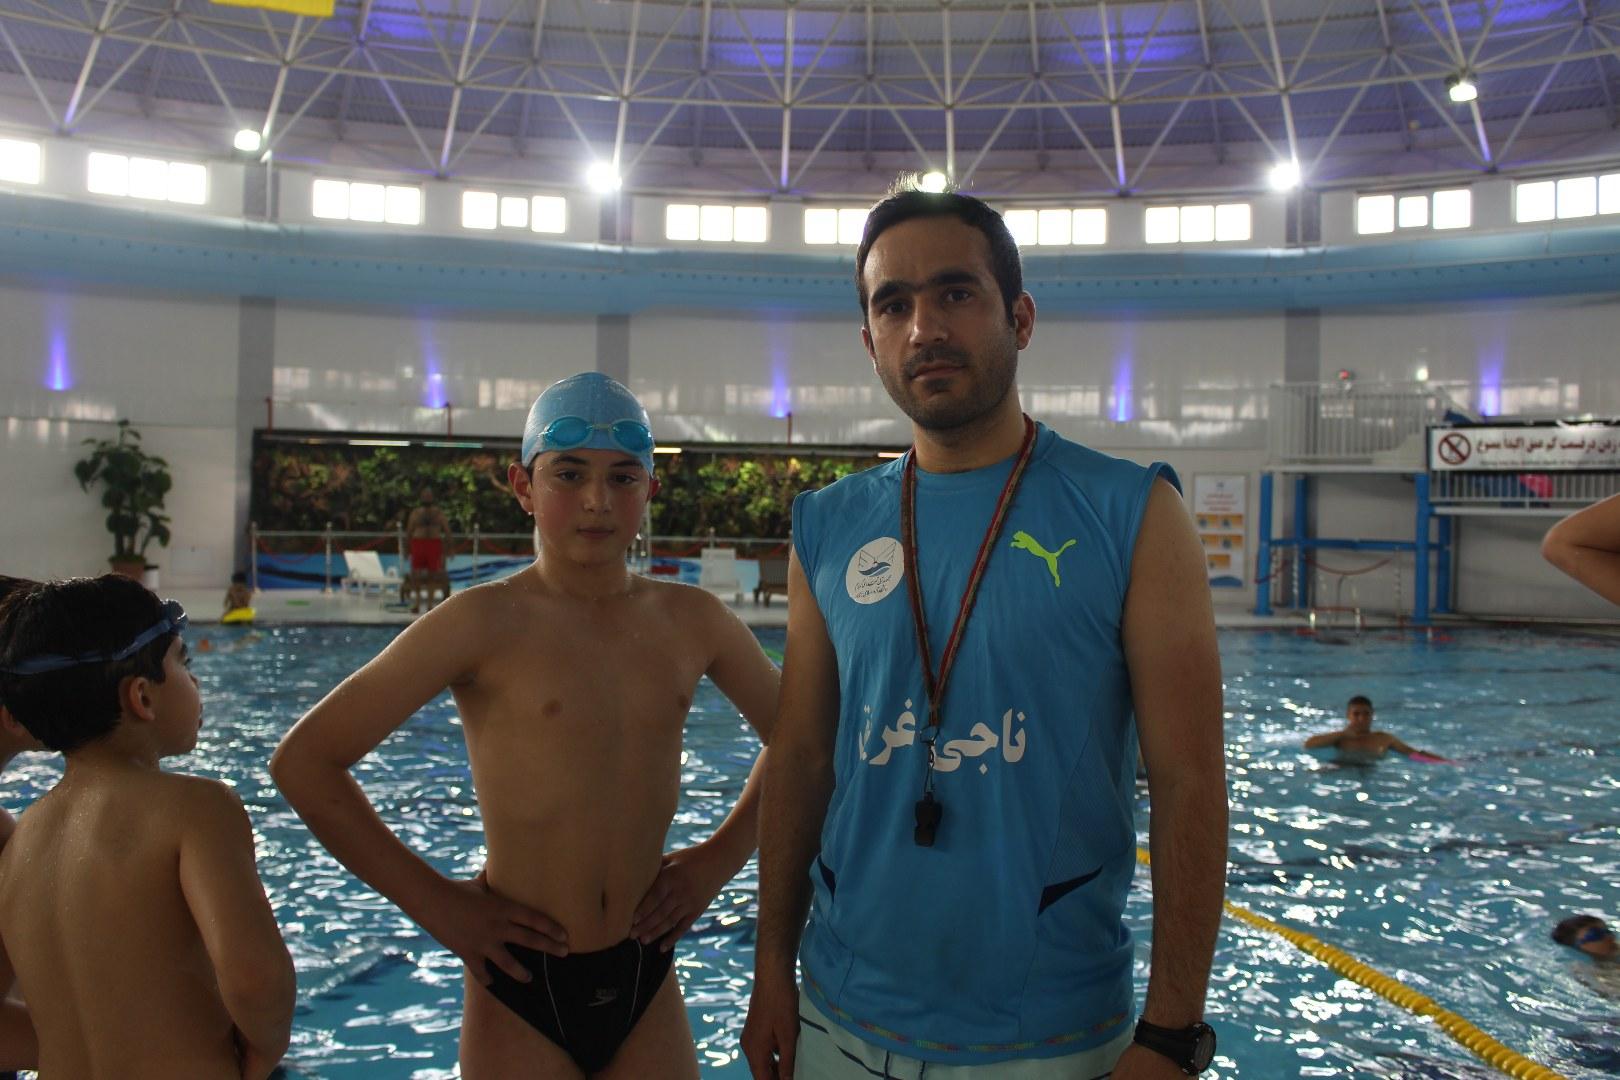 وزیری ناجی استخر - معراج خدادادی شناگر